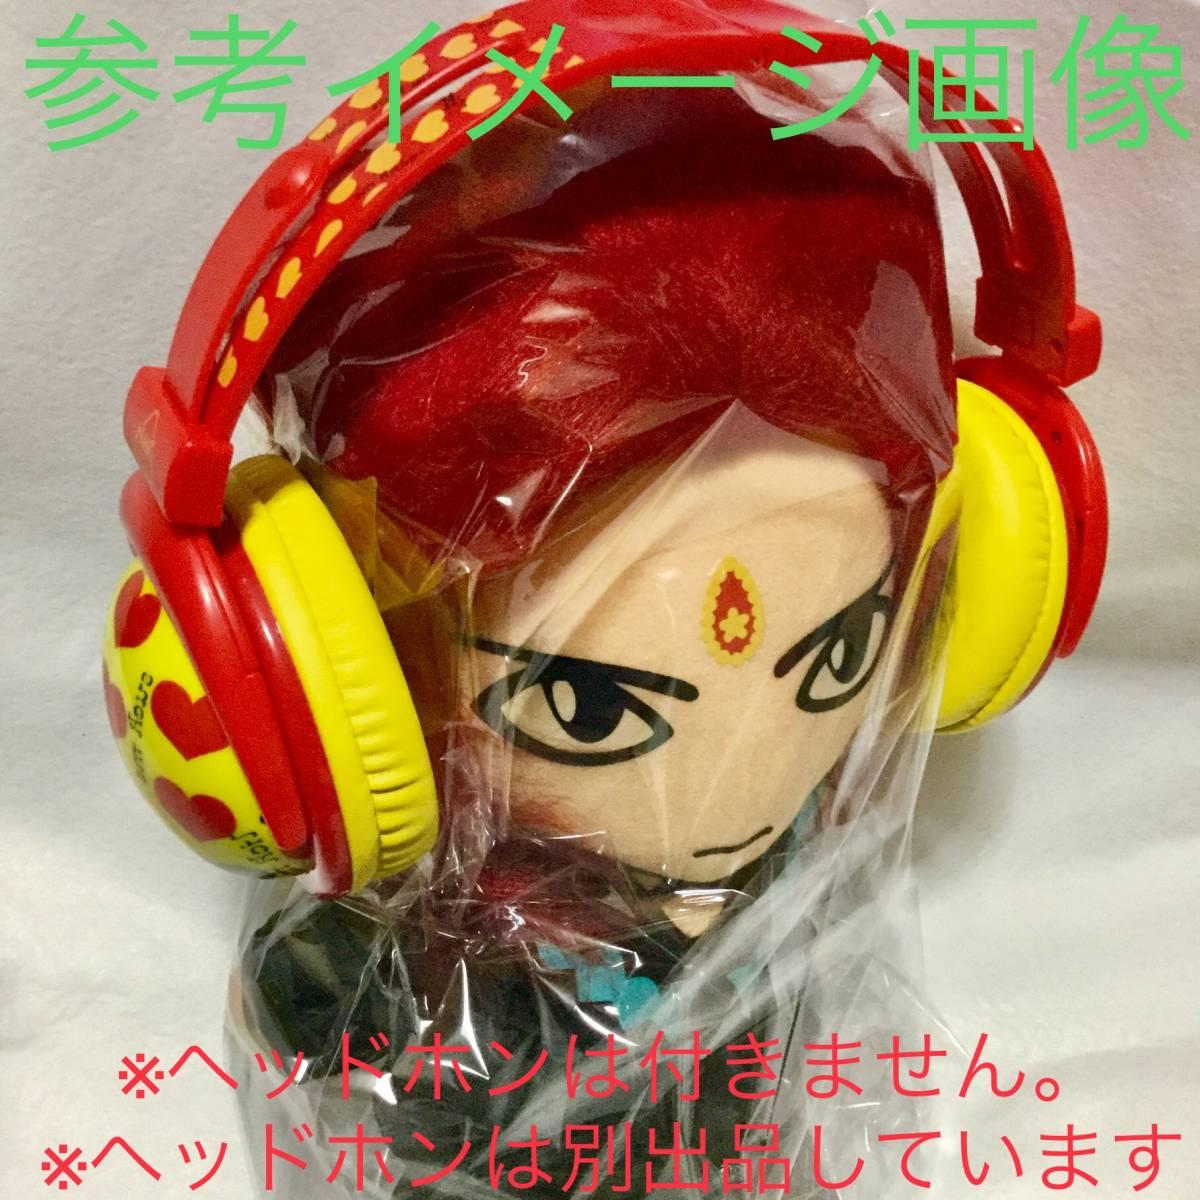 hide Yoshikiも持ってる DX ぬいぐるみ 特殊ブラック染め加工 参考( X JAPAN 人形 ギター イエローハート ライブ イベント メモリアル DVD_画像10